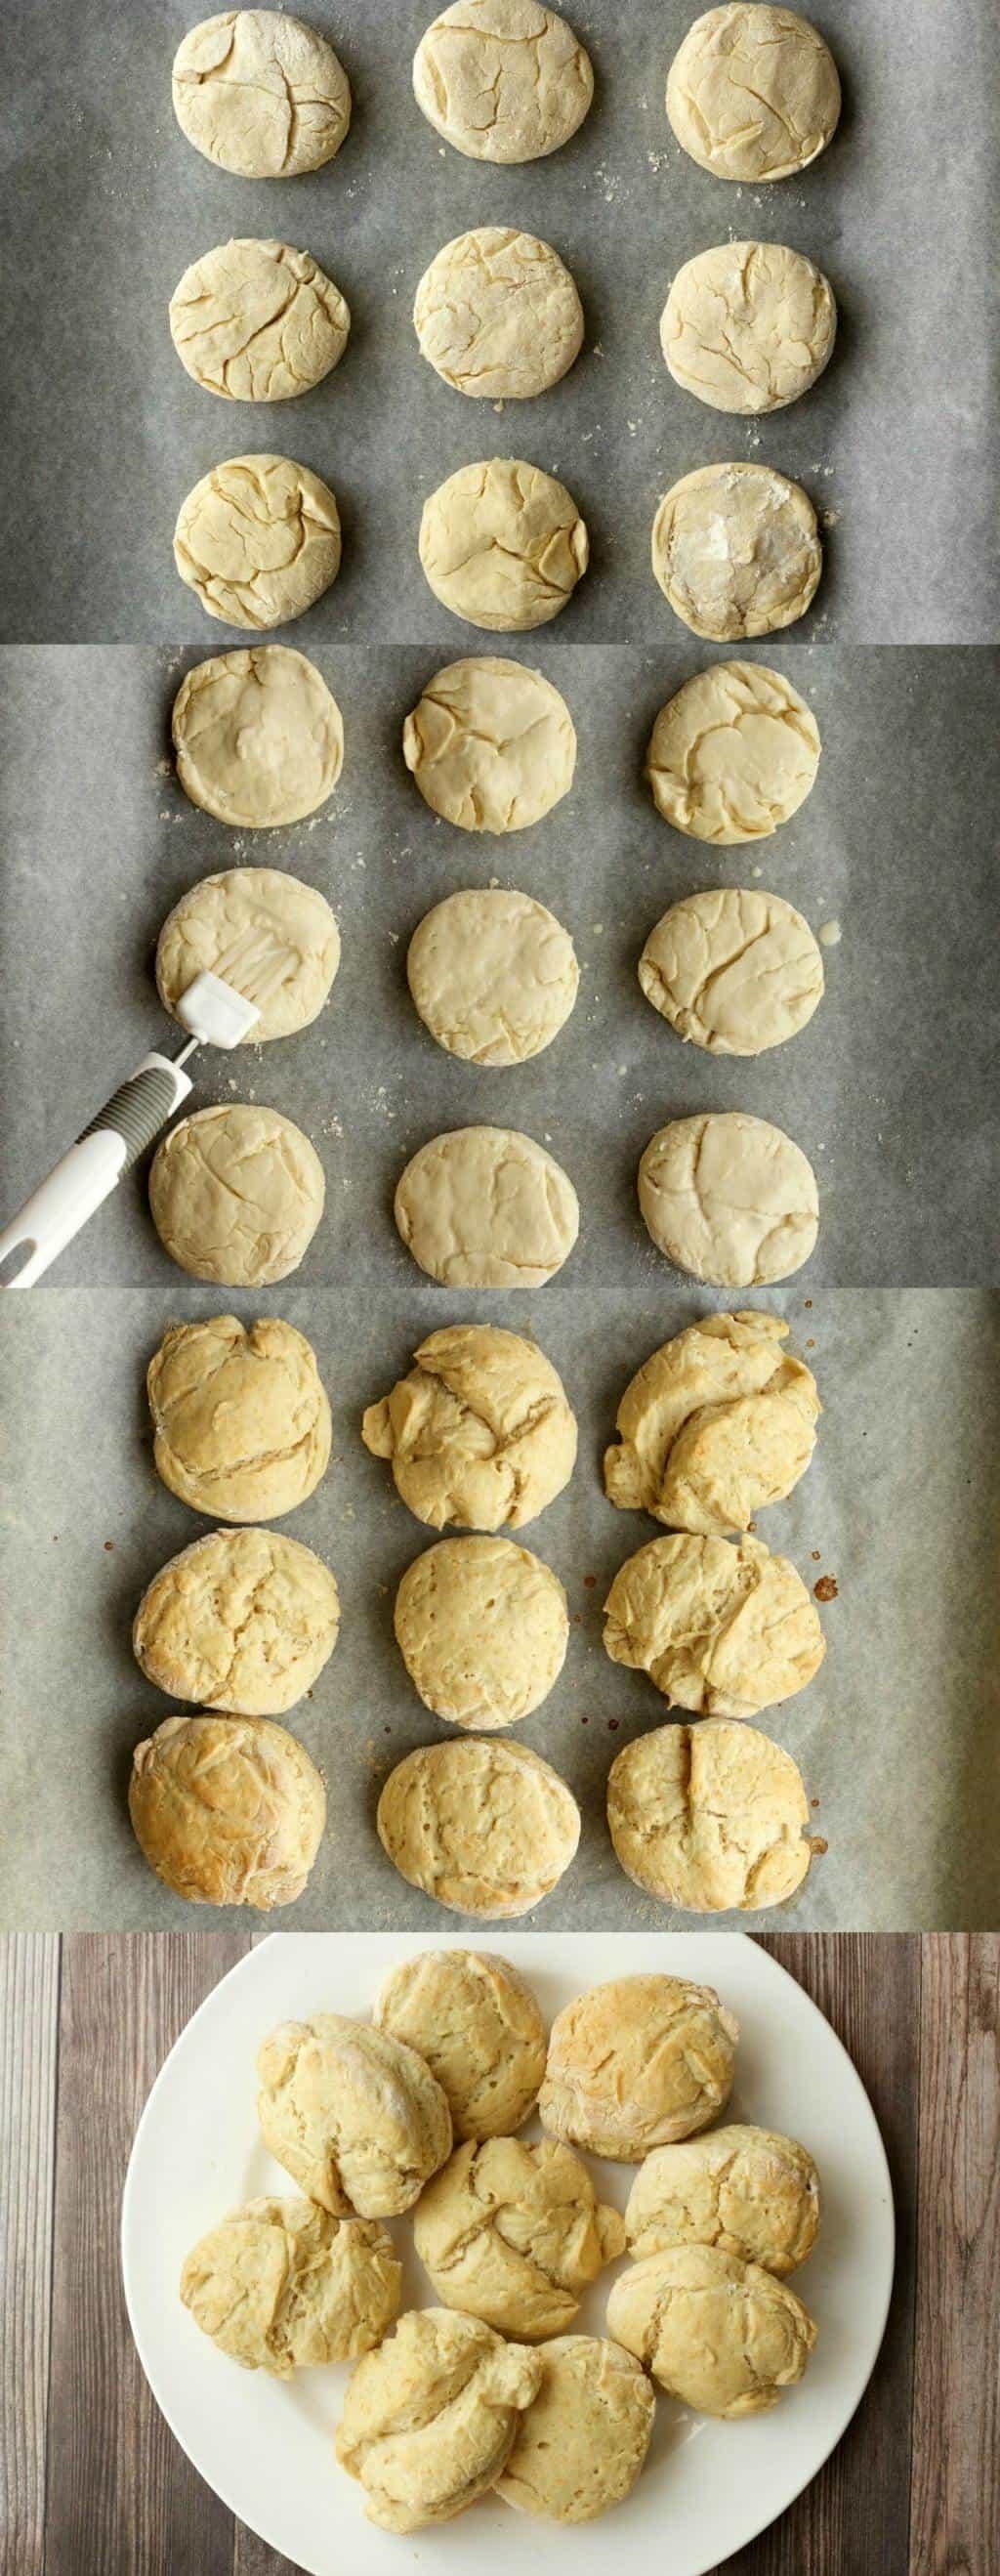 Making Vegan Scones #vegan #lovingitvegan #scones